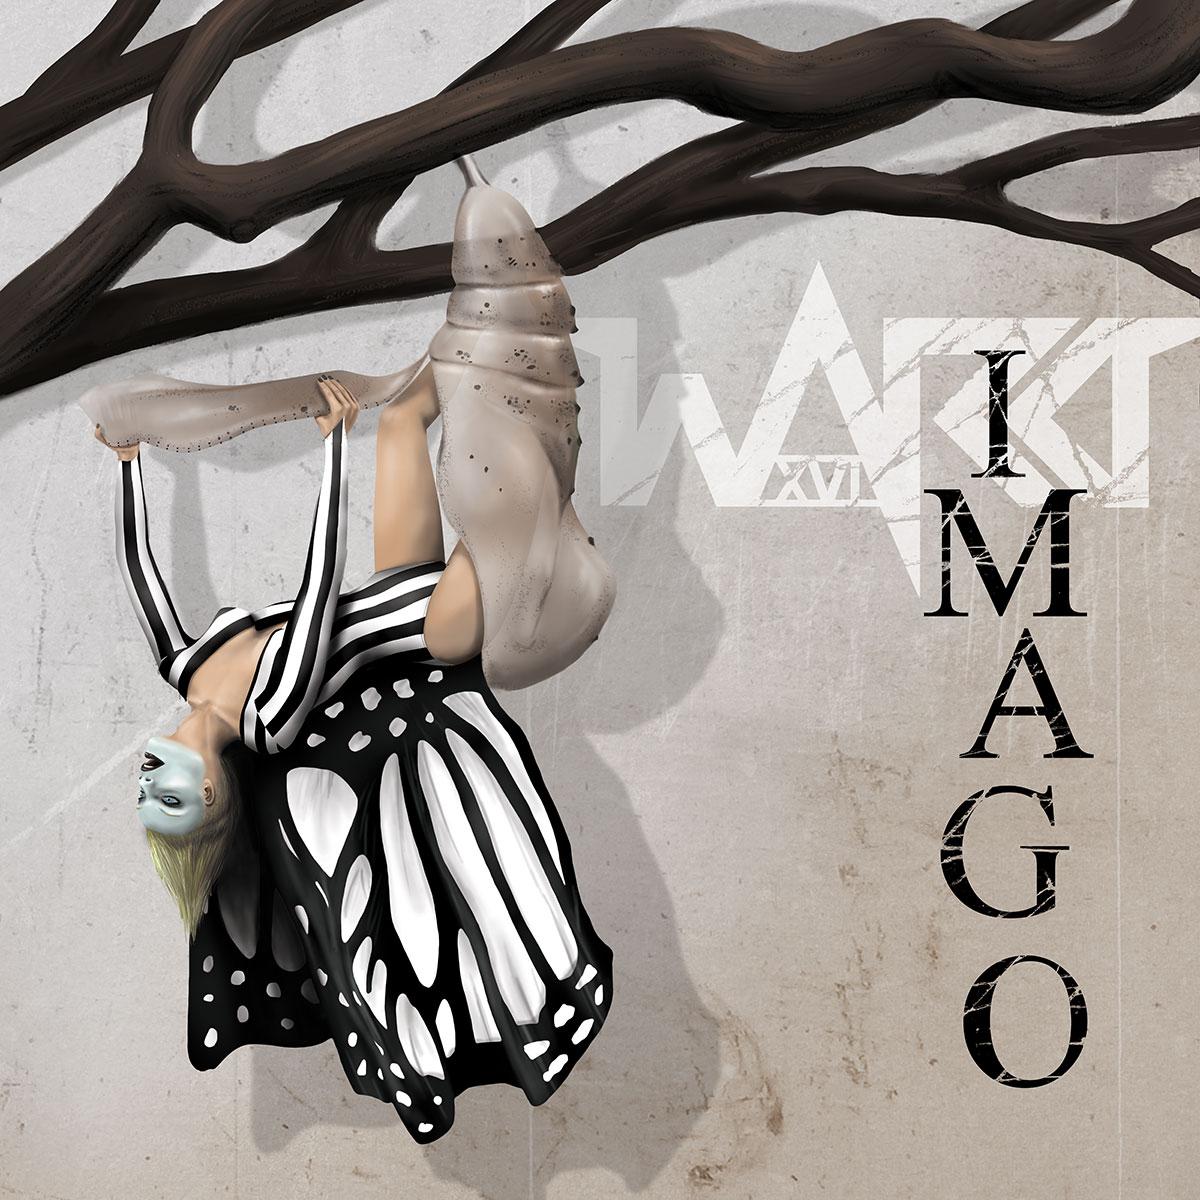 Cover - Imago - Ward XVI - 1200x